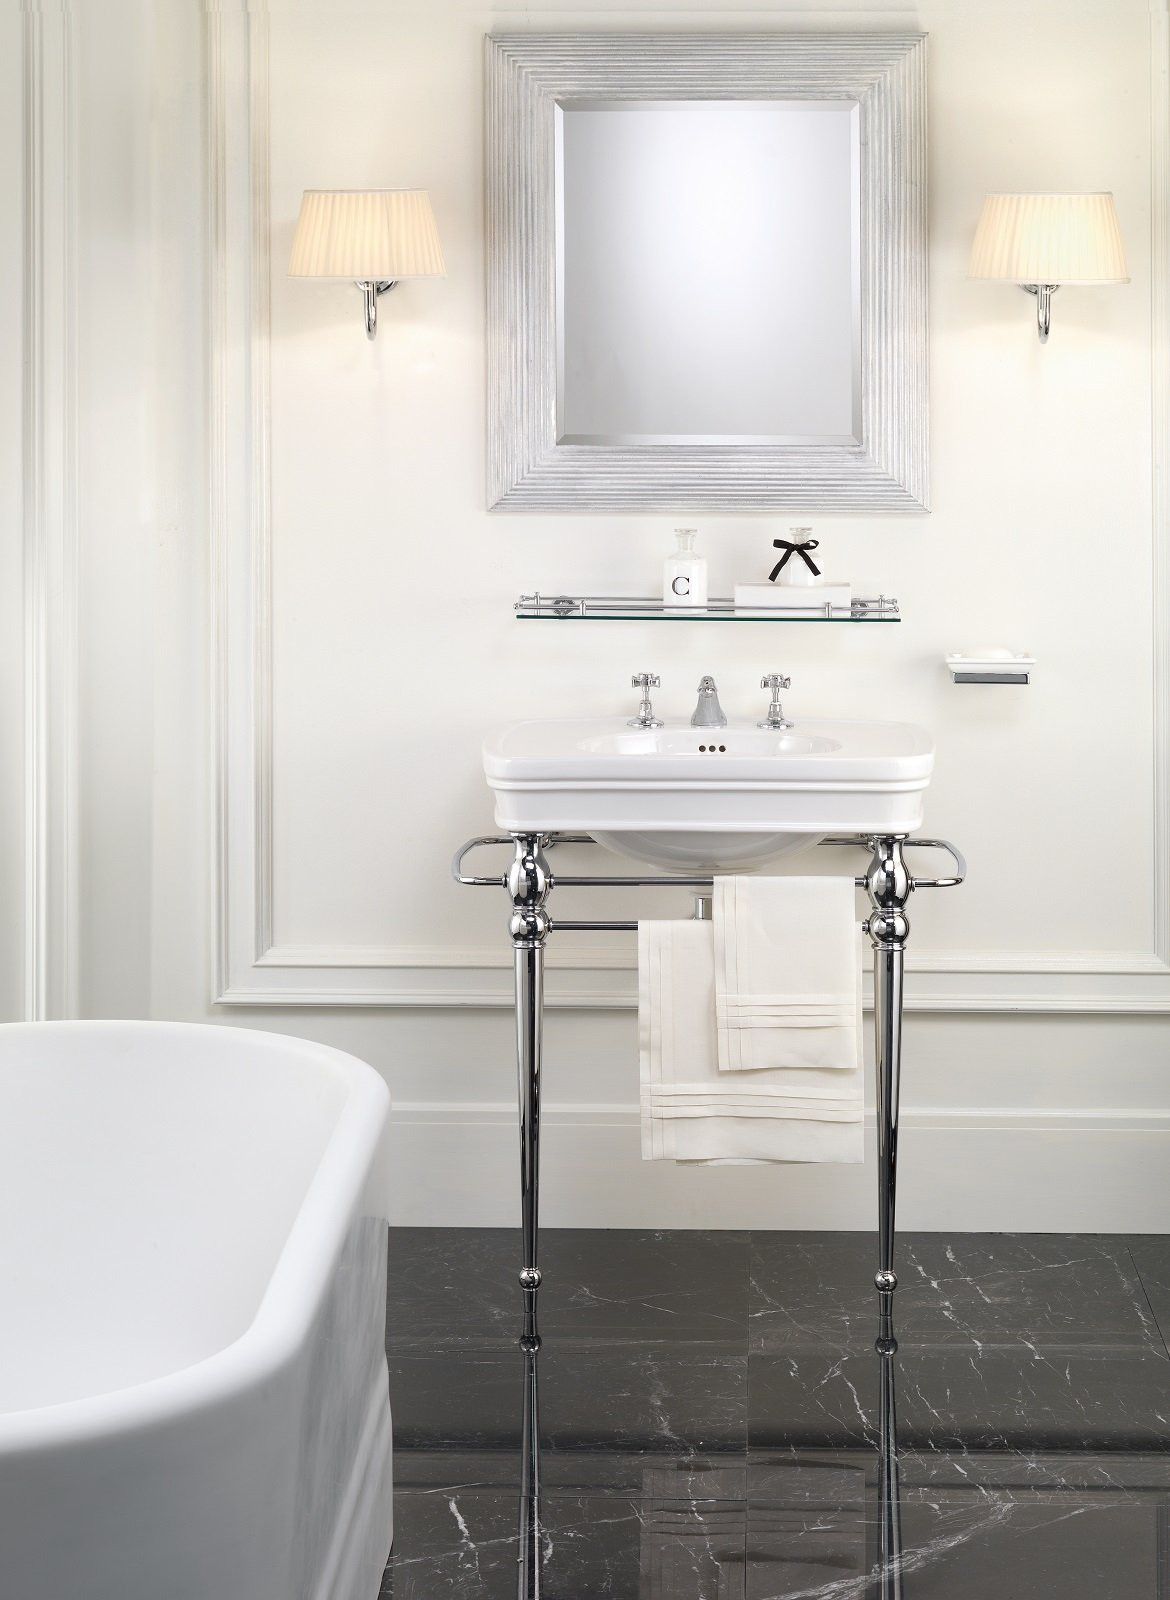 I lavabi e i sanitari per il bagno in stile classico e retr - Tazza del bagno prezzo ...